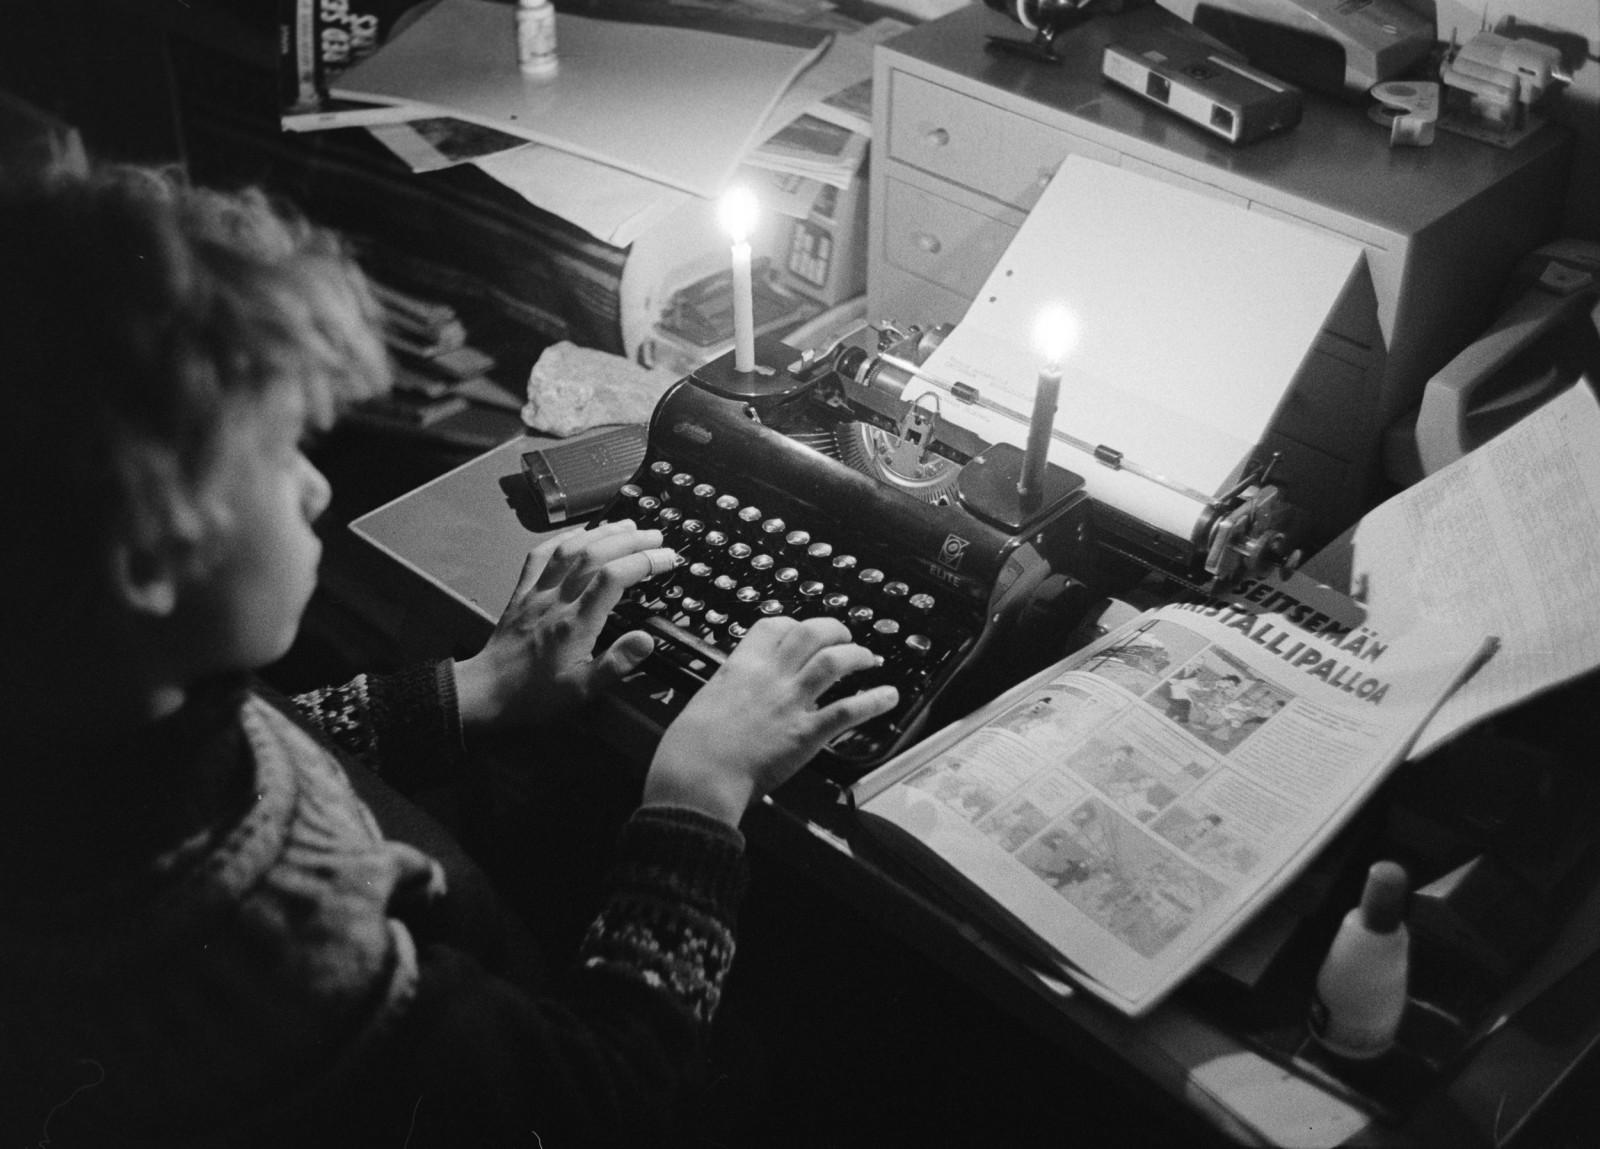 Poika kirjoittaa mekaanisella kirjoituskoneella kynttilänvalossa. Kuva: Helsingin kaupunginmuseo/Lauri Pietarinen, 1970-luku.